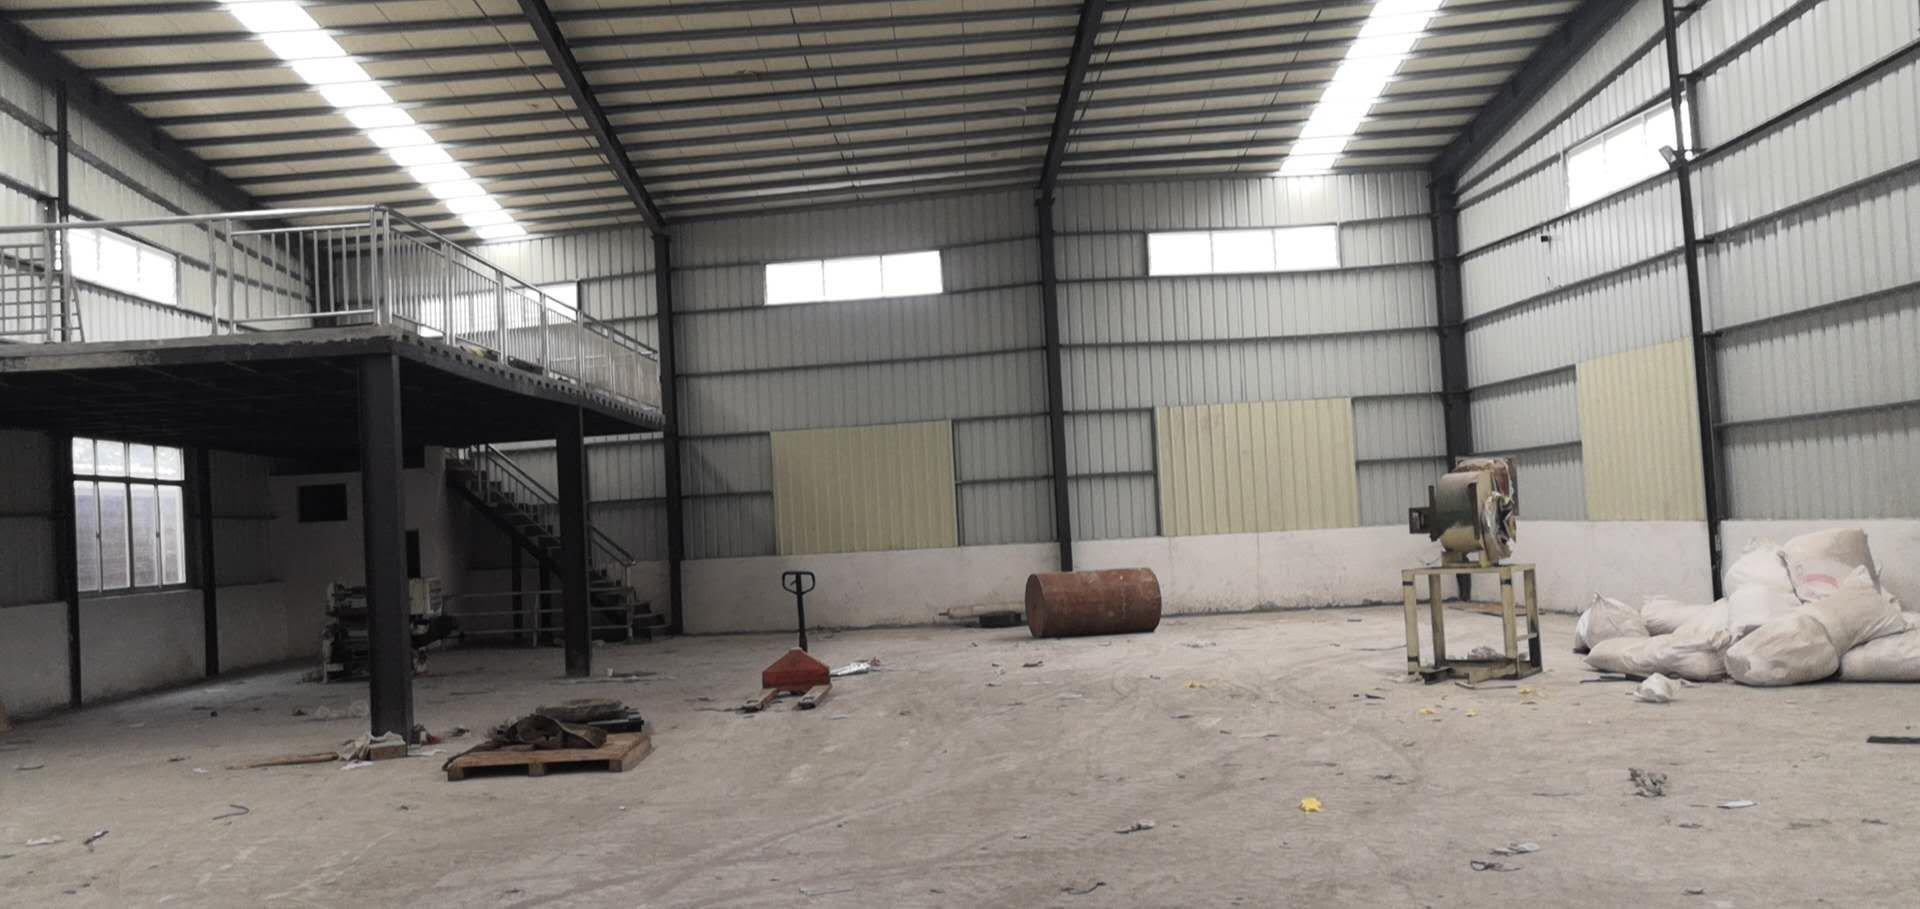 横沥镇原房东出租420平方滴水7米崭新钢构小型仓库货车好进出